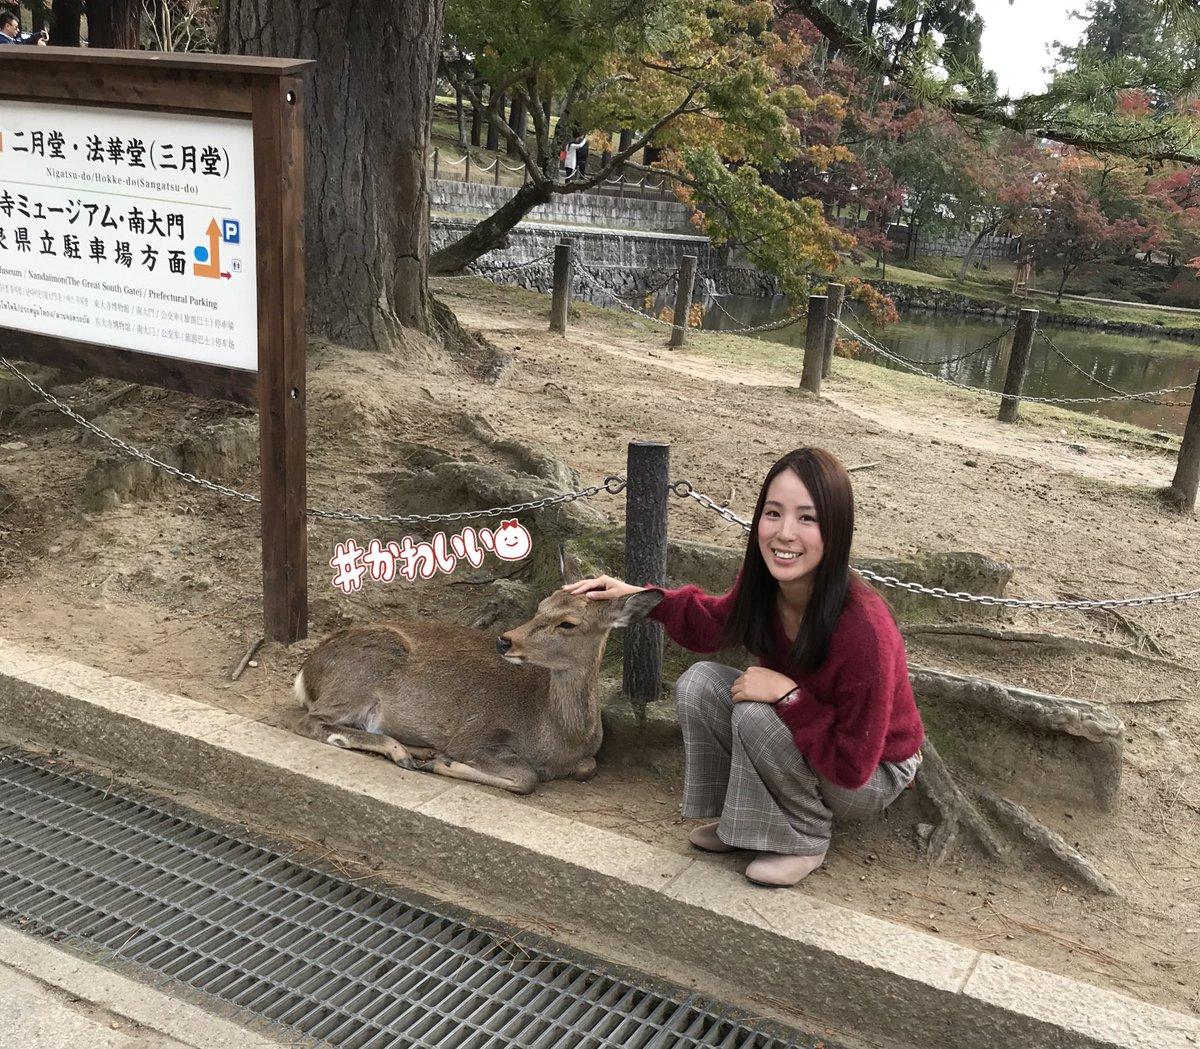 この前奈良行って来たよー\( ˆoˆ )/♡ 紅葉見に行ったのに鹿に必死🦌💨笑 可愛かったぁあ😋✨ 帰りに「大仏プリン🍮」買ったねんけどめっちゃ美味しかった(*^^*)🎶 きっと紅葉の時期もすぐに終わっちゃうんやろなあ😭!